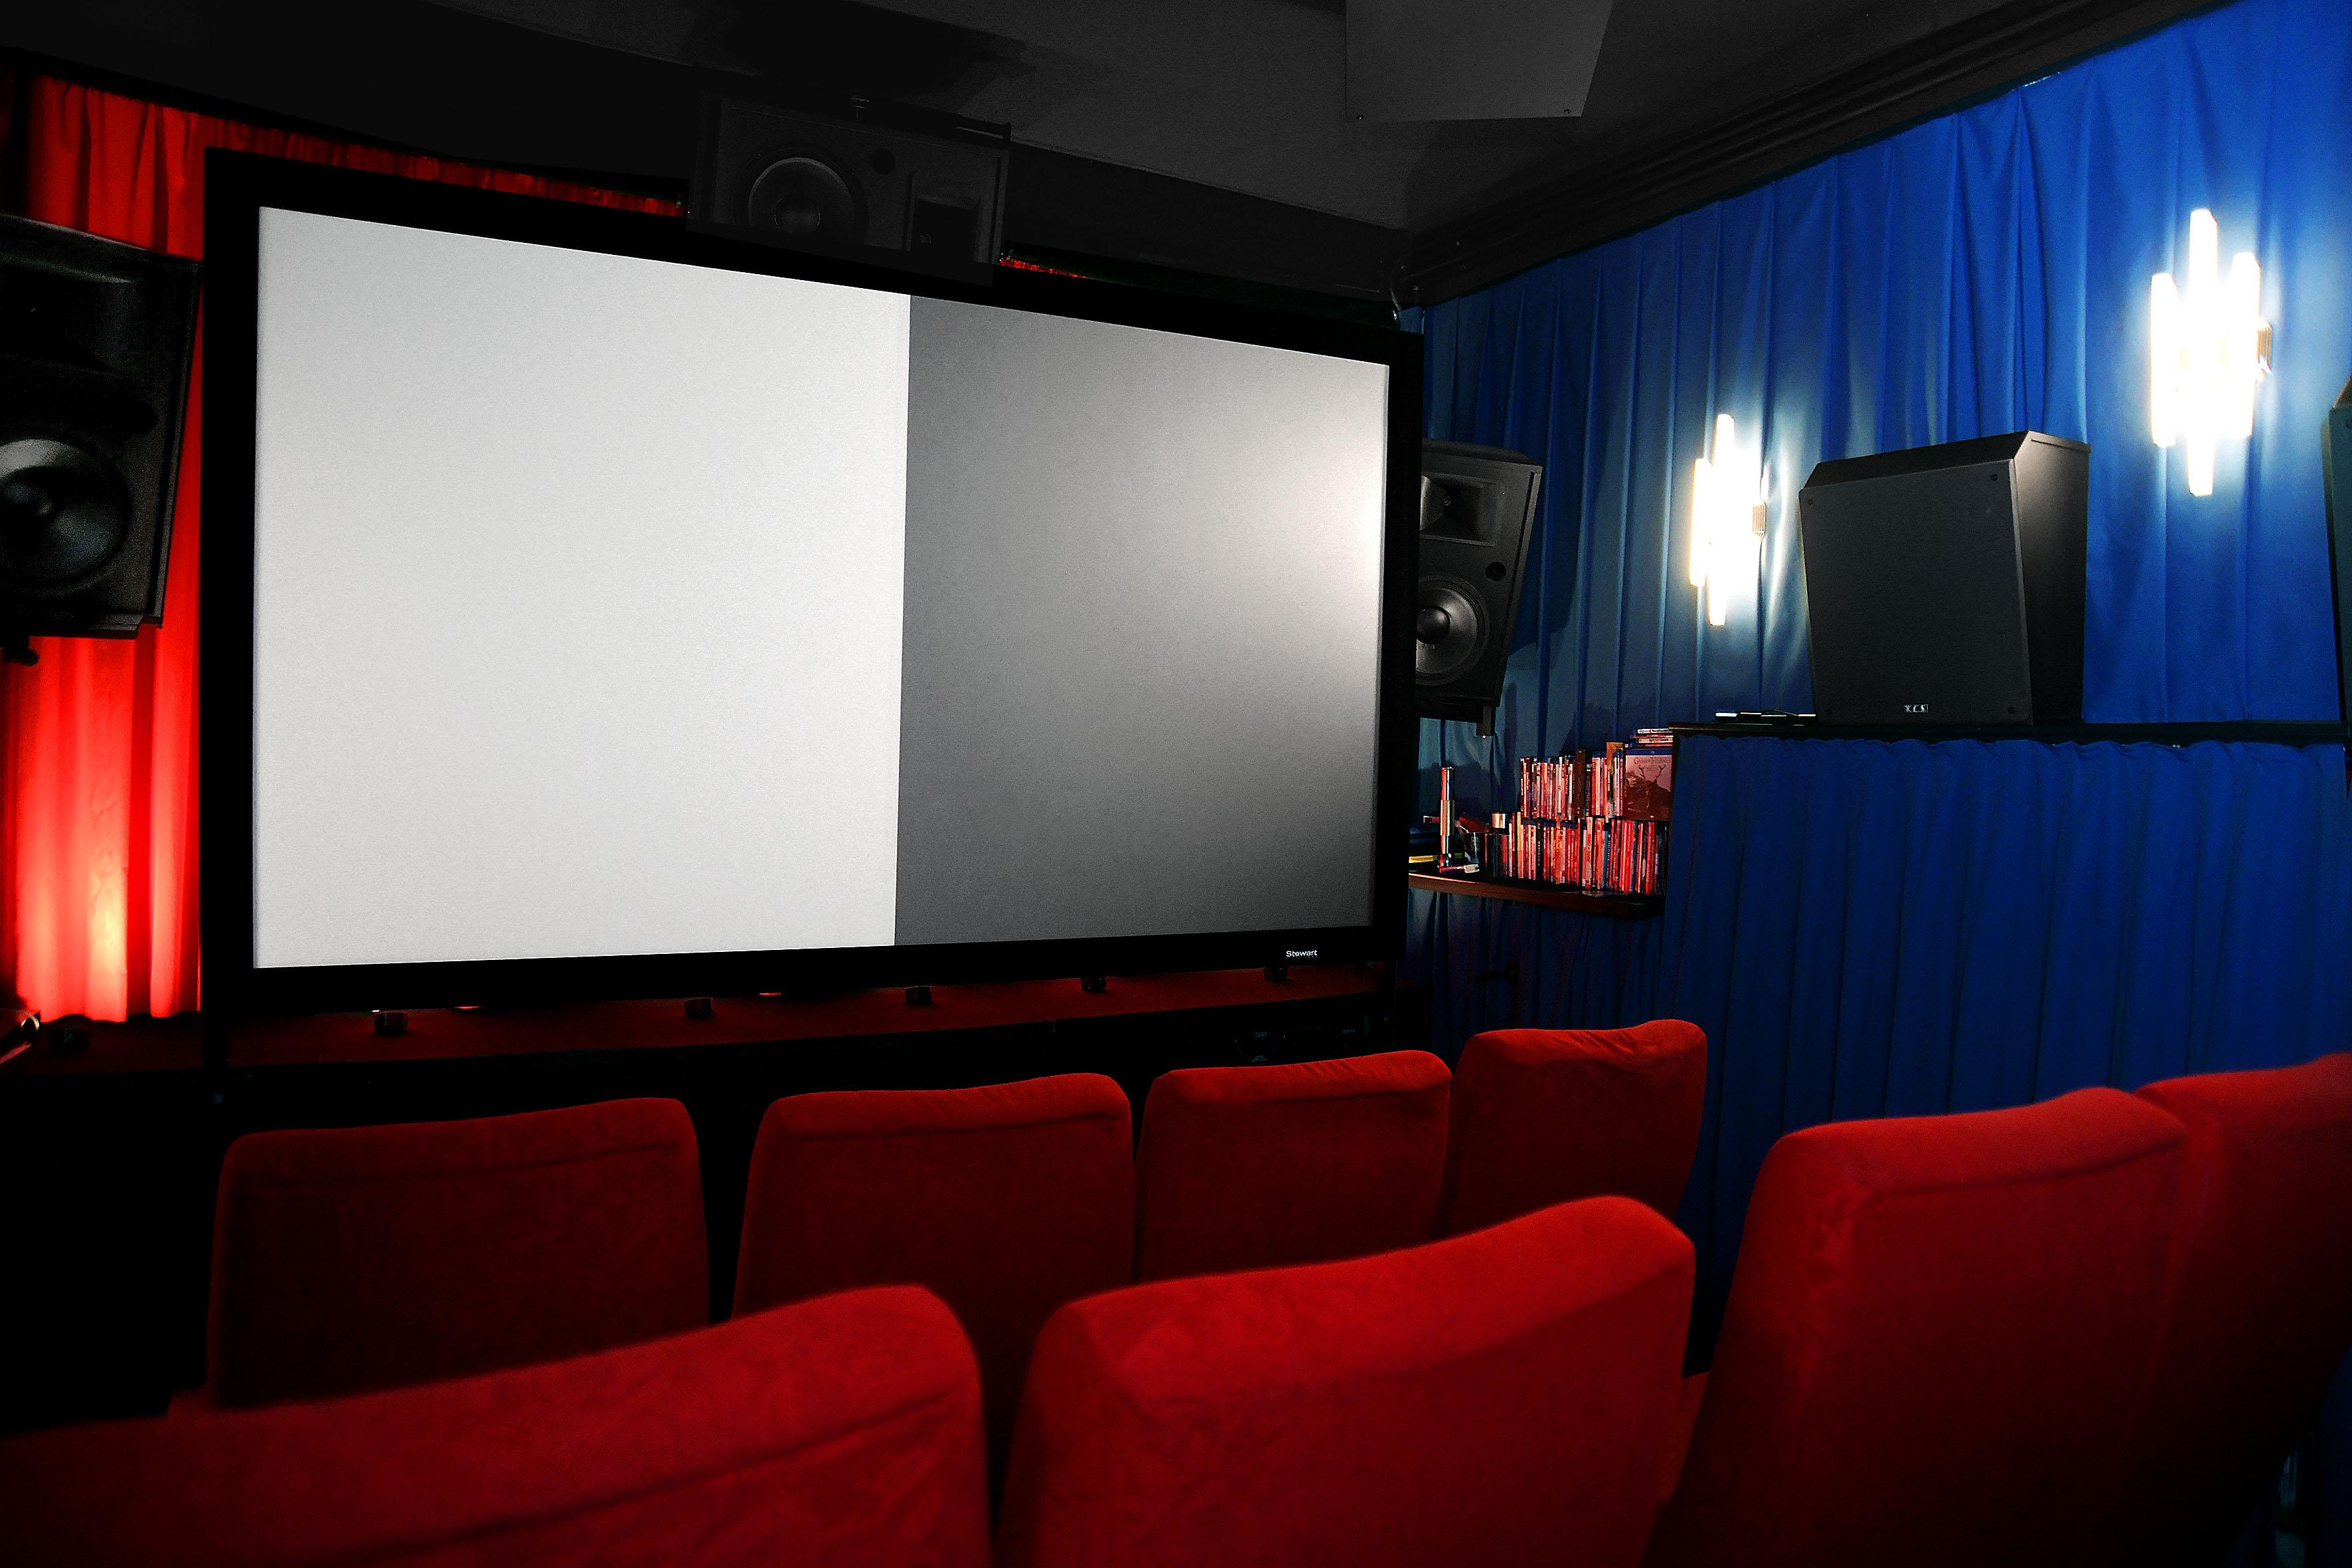 Foto: Michael B. Rehders Die Splitscreen-Leinwand von Stewart wird unter optimalen Bedingungen durchgemessen – in meinem Screening Room.